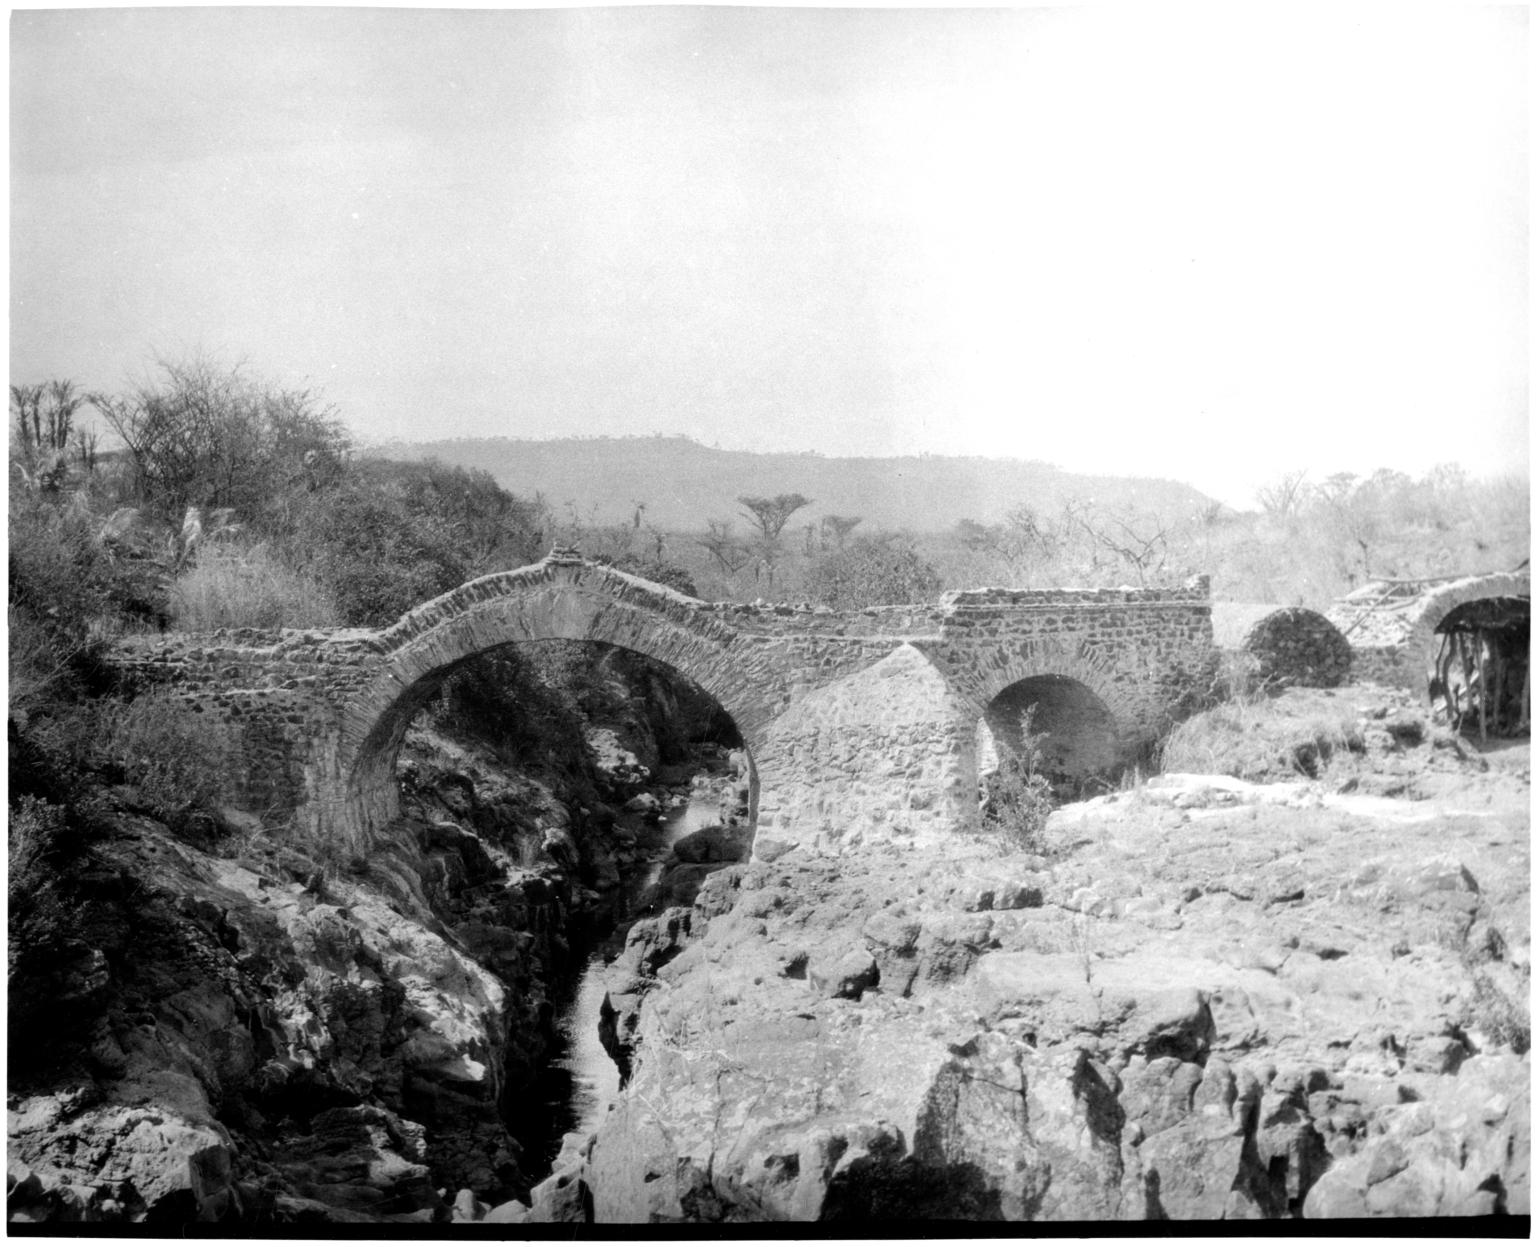 Portuguese Bridge in Gondar Province, Ethiopia